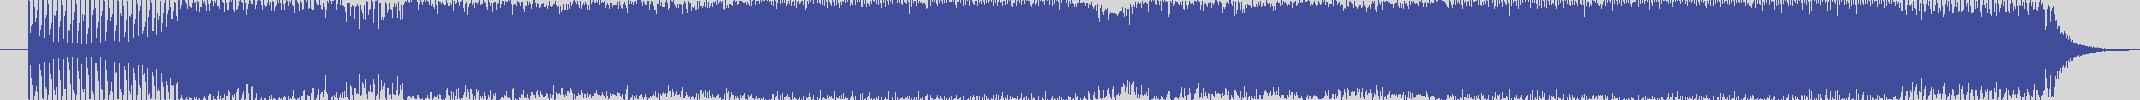 hitaly_muzik [smile1057] Hitalygang - Vamos a Bailar [Original Mix] audio wave form